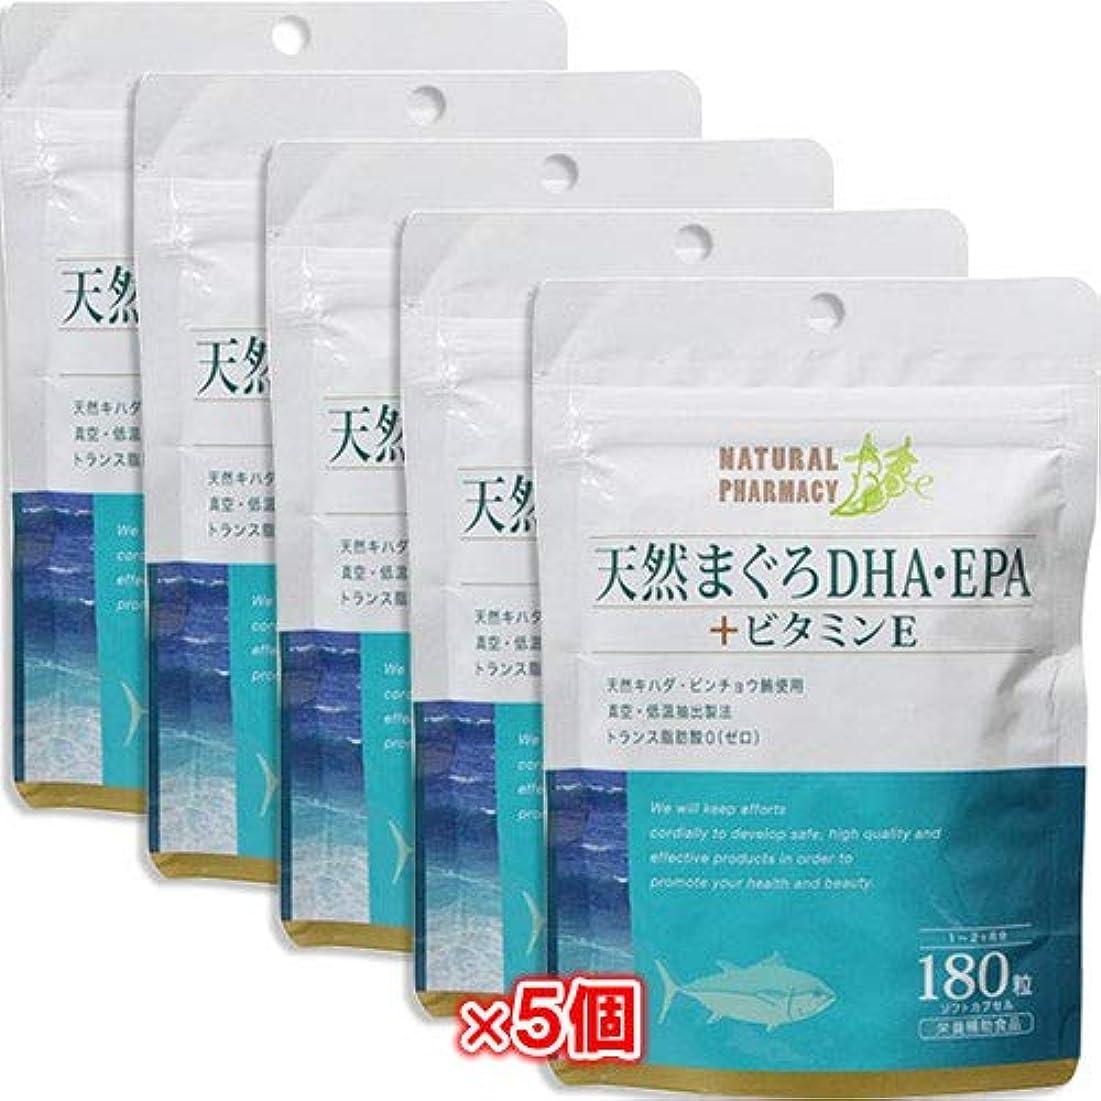 計算する役に立つラフ睡眠天然まぐろDHA?EPA+ビタミンE 180粒 ×5個セット【すみや】